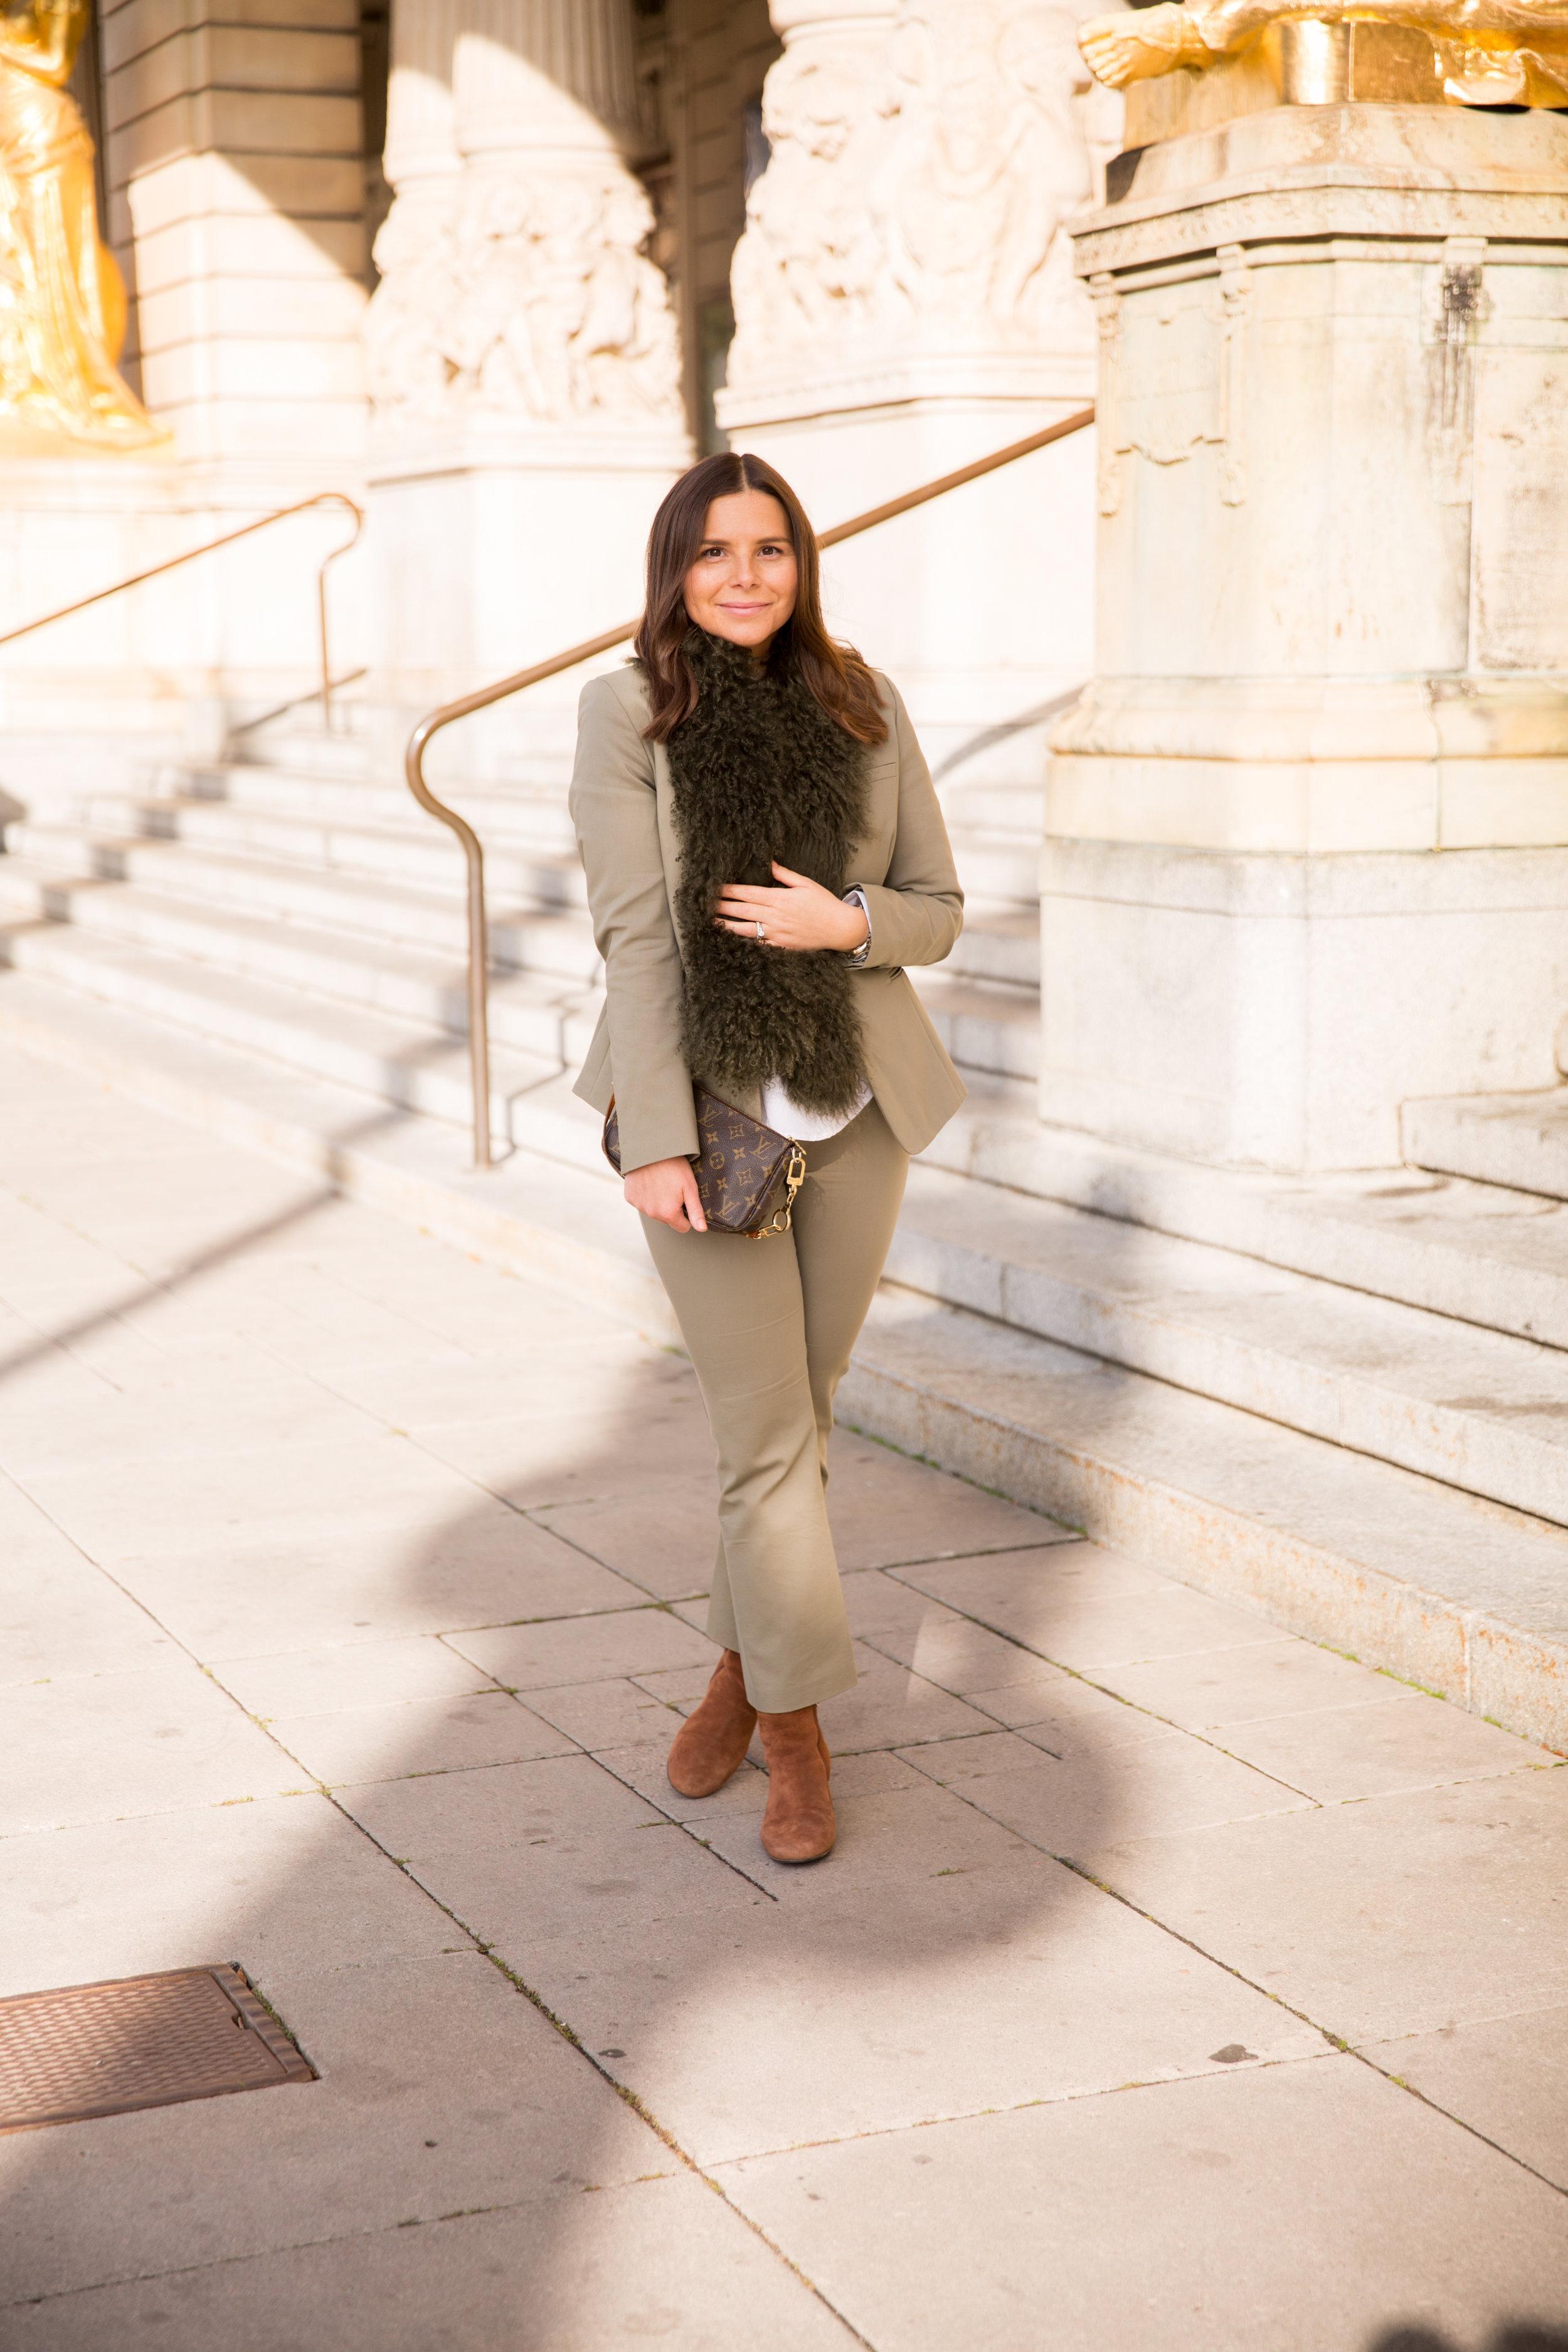 Angelica Aurell mode stil Modes Louis Vuitton pochette vaska stil.jpg